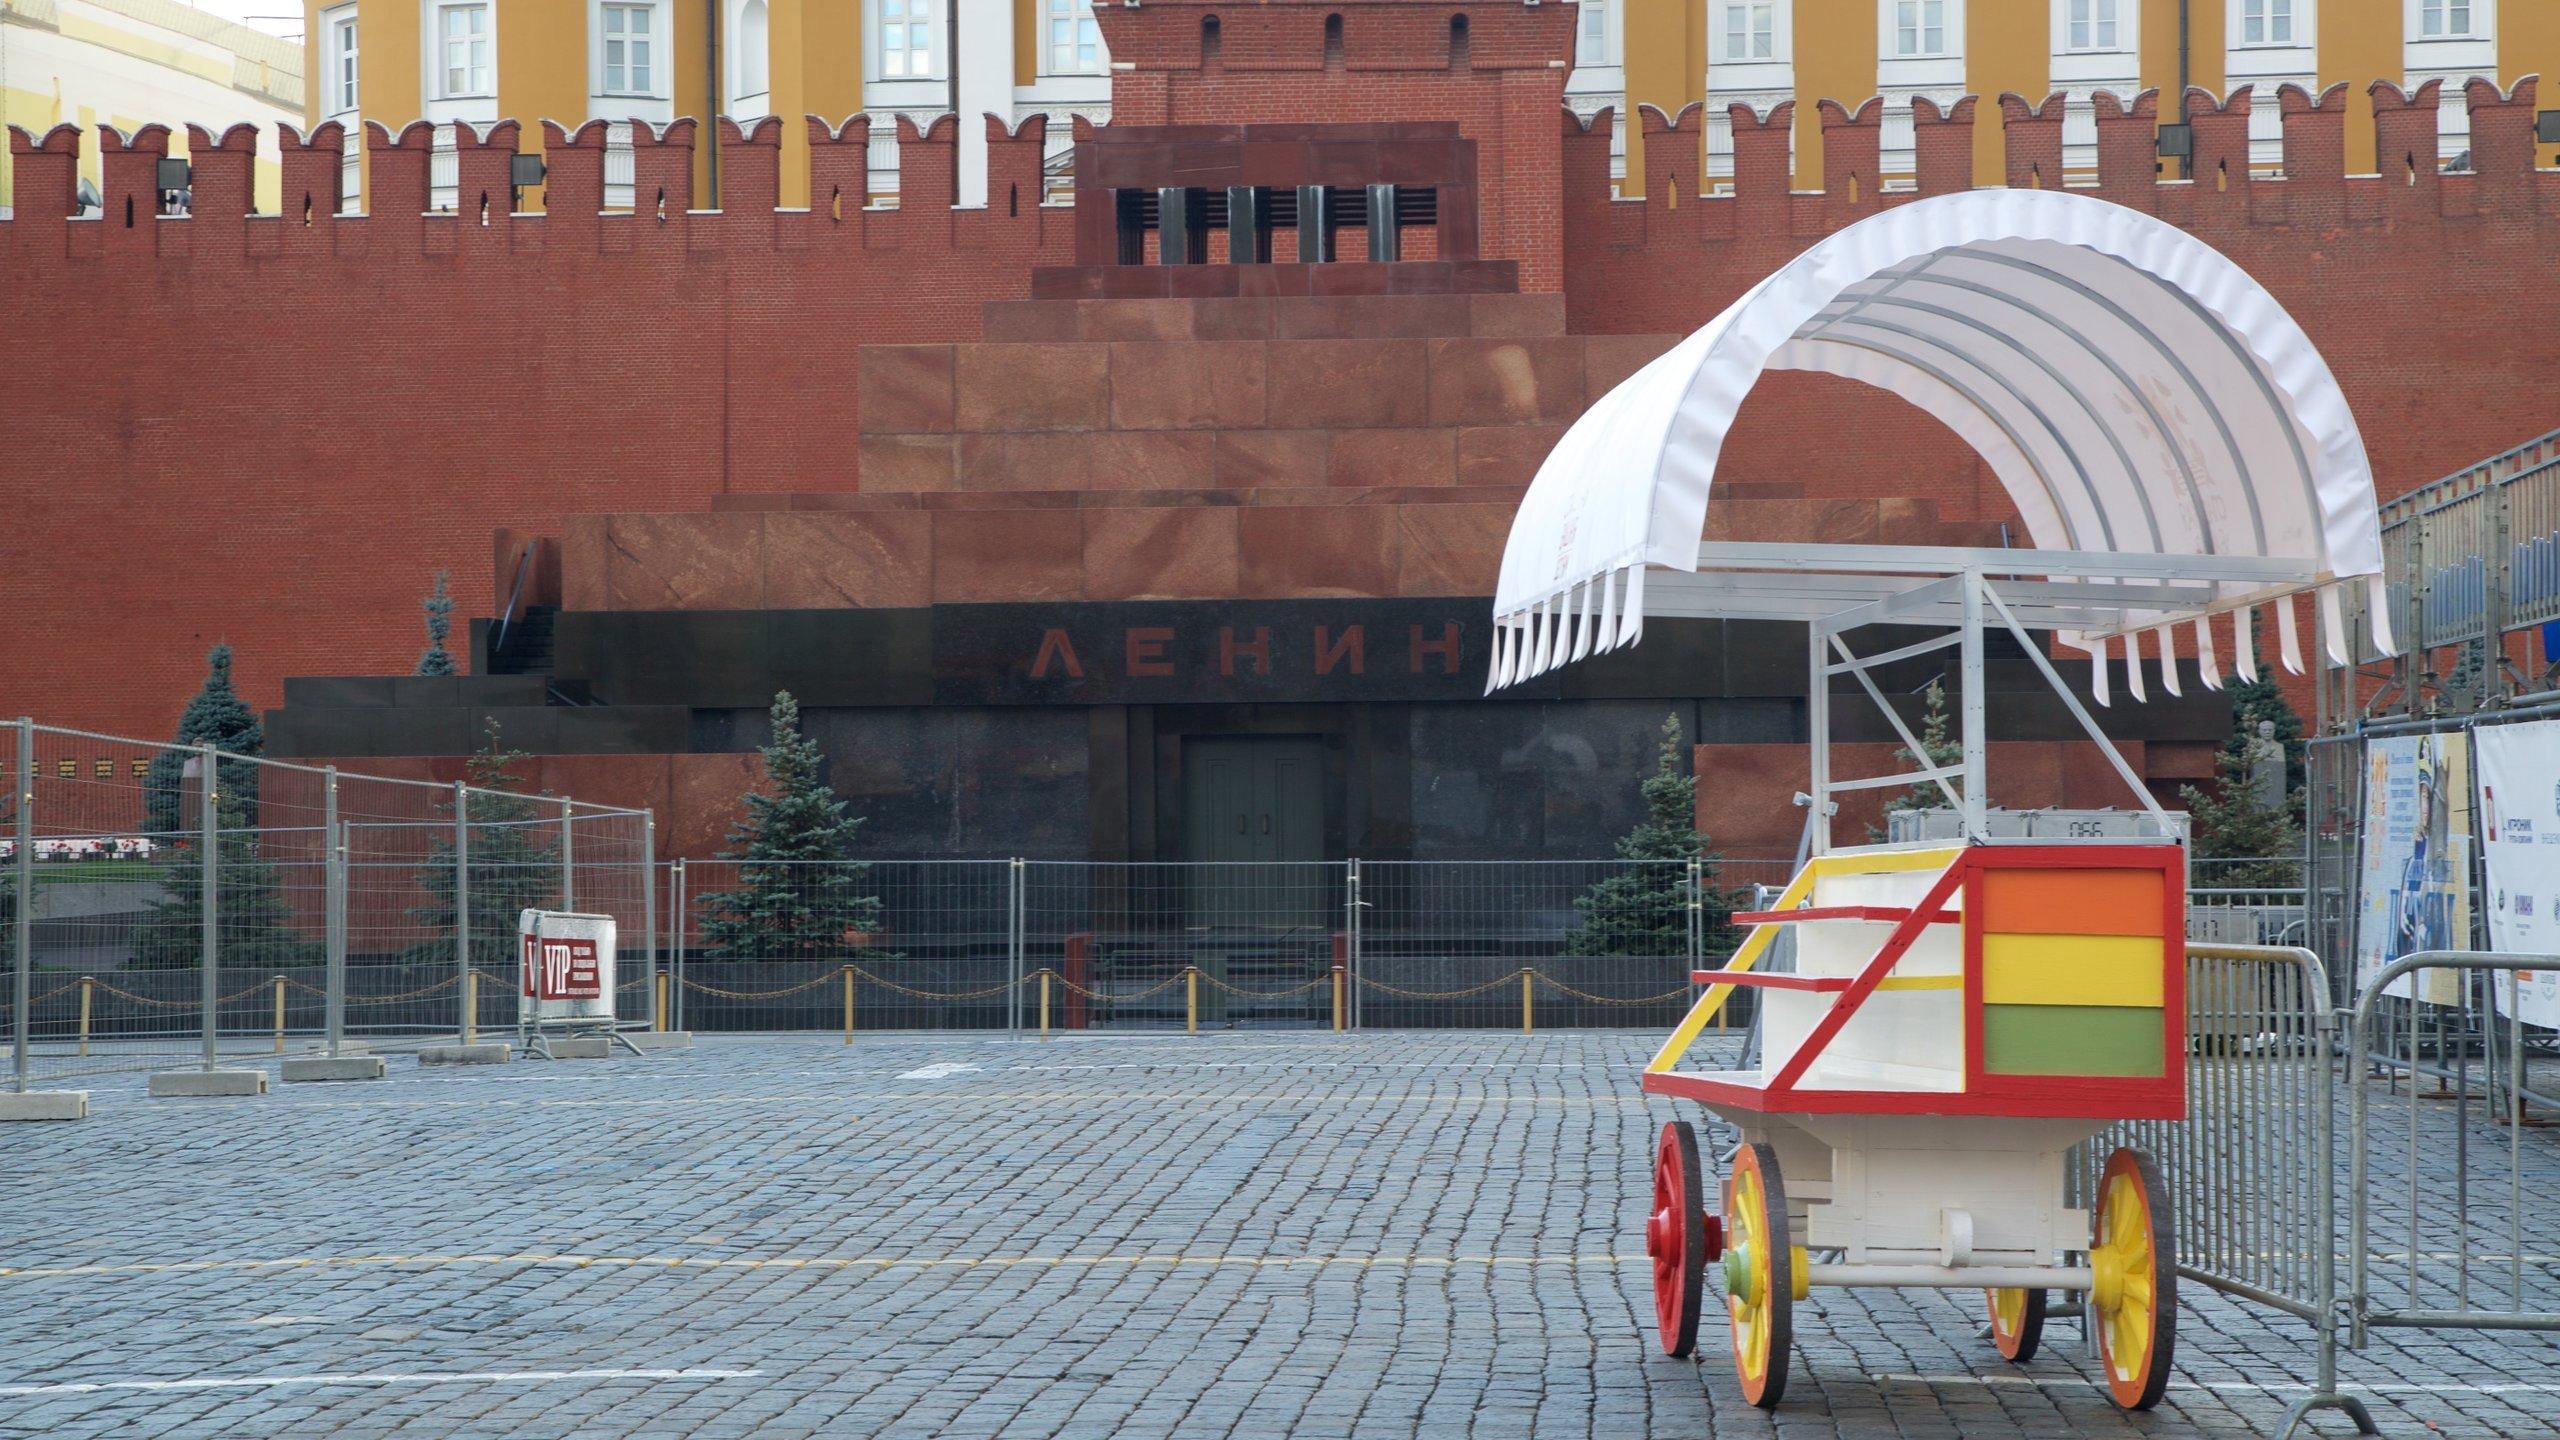 Muchas personas visitan esta tumba para presentar sus respetos o simplemente porque sienten curiosidad por ver el cuerpo embalsamado de Vladímir Lenin, el famoso revolucionario que lideró la Unión Soviética.